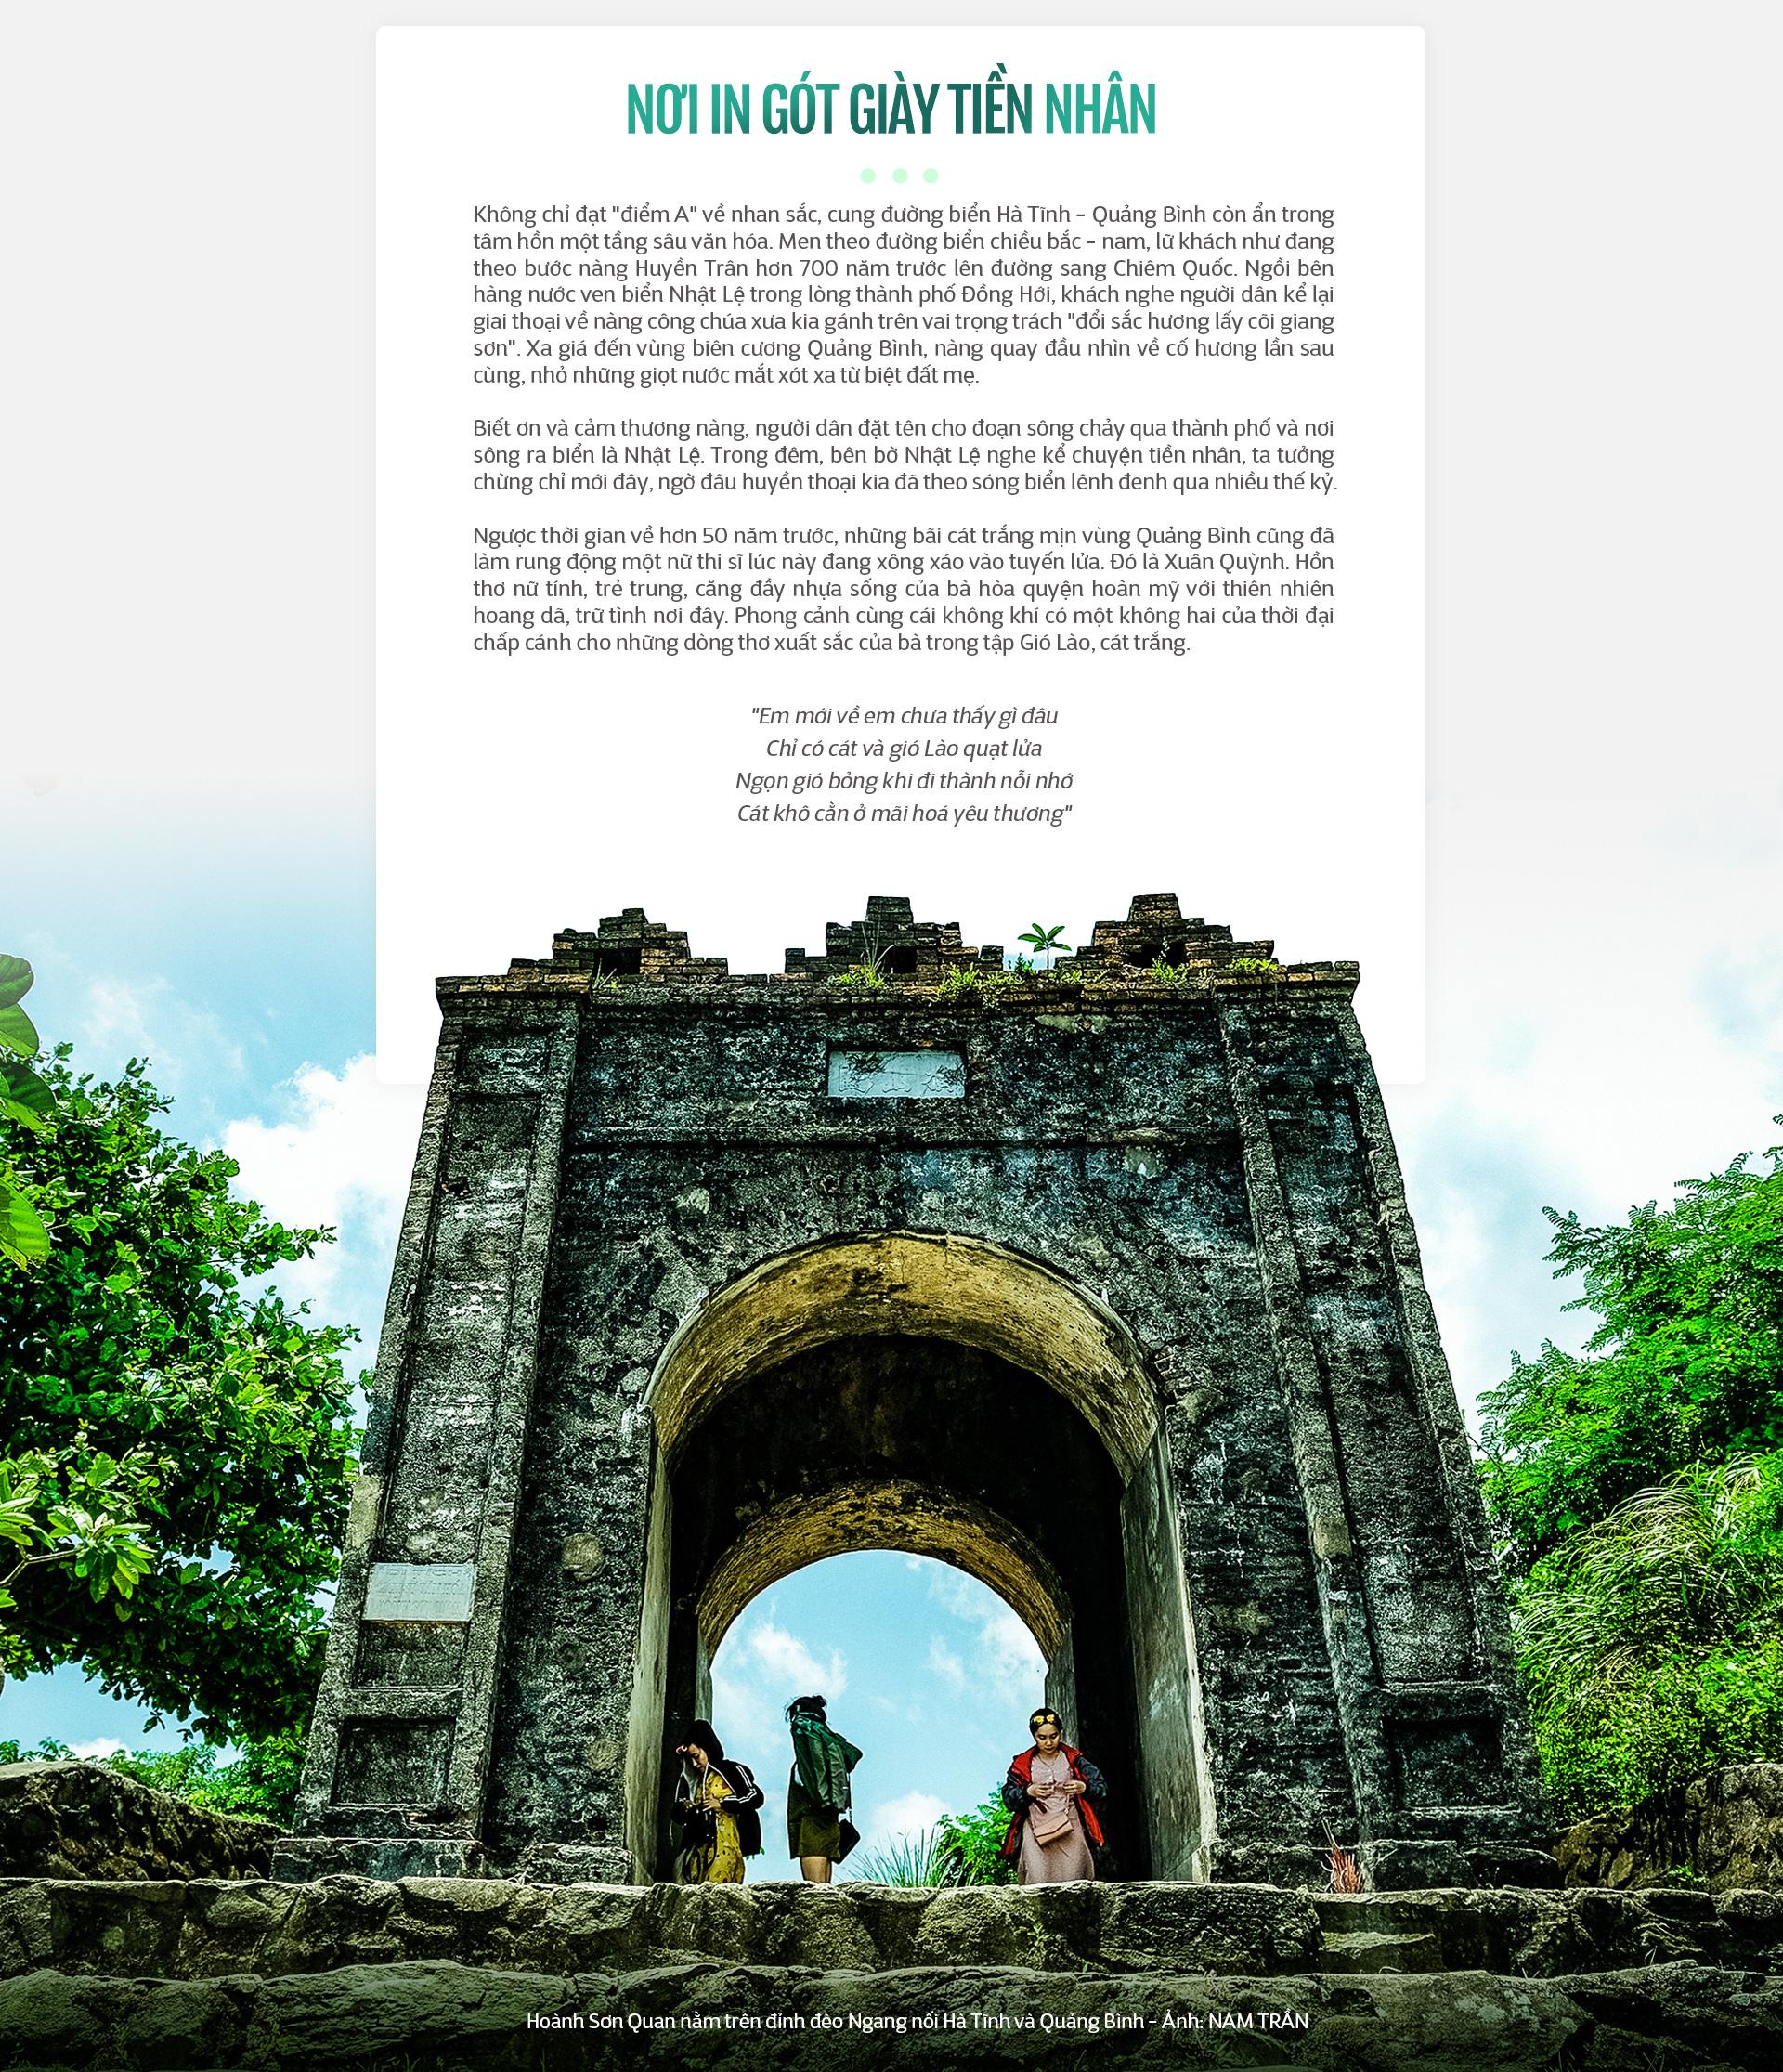 (Kì 3) mới - Biển Quảng Bình: Mời gọi cả năm giác quan - Ảnh 5.